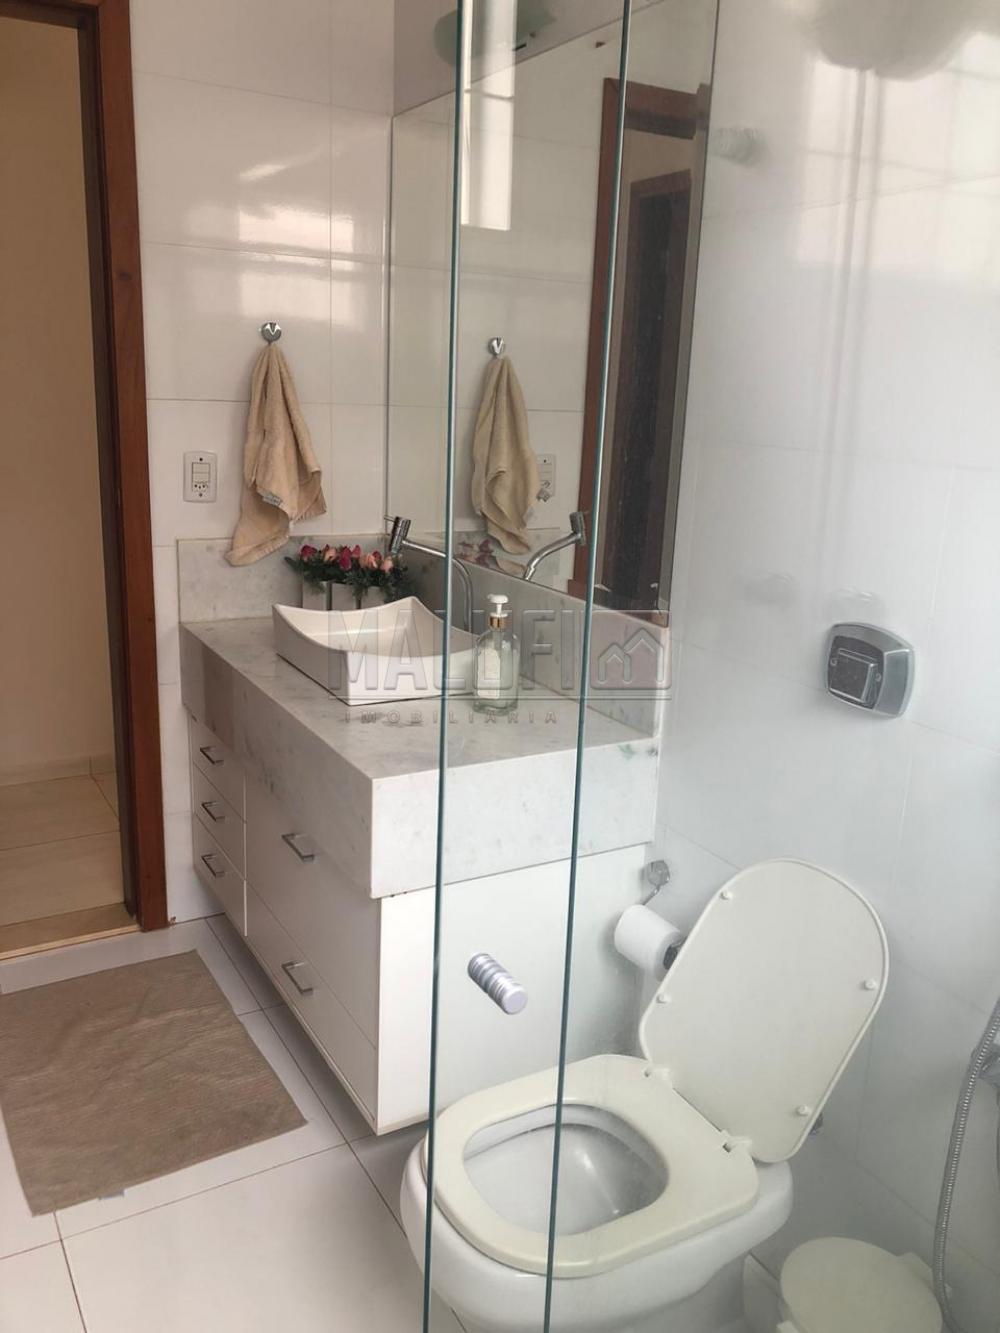 Alugar Casas / Condomínio em Olímpia apenas R$ 3.300,00 - Foto 9